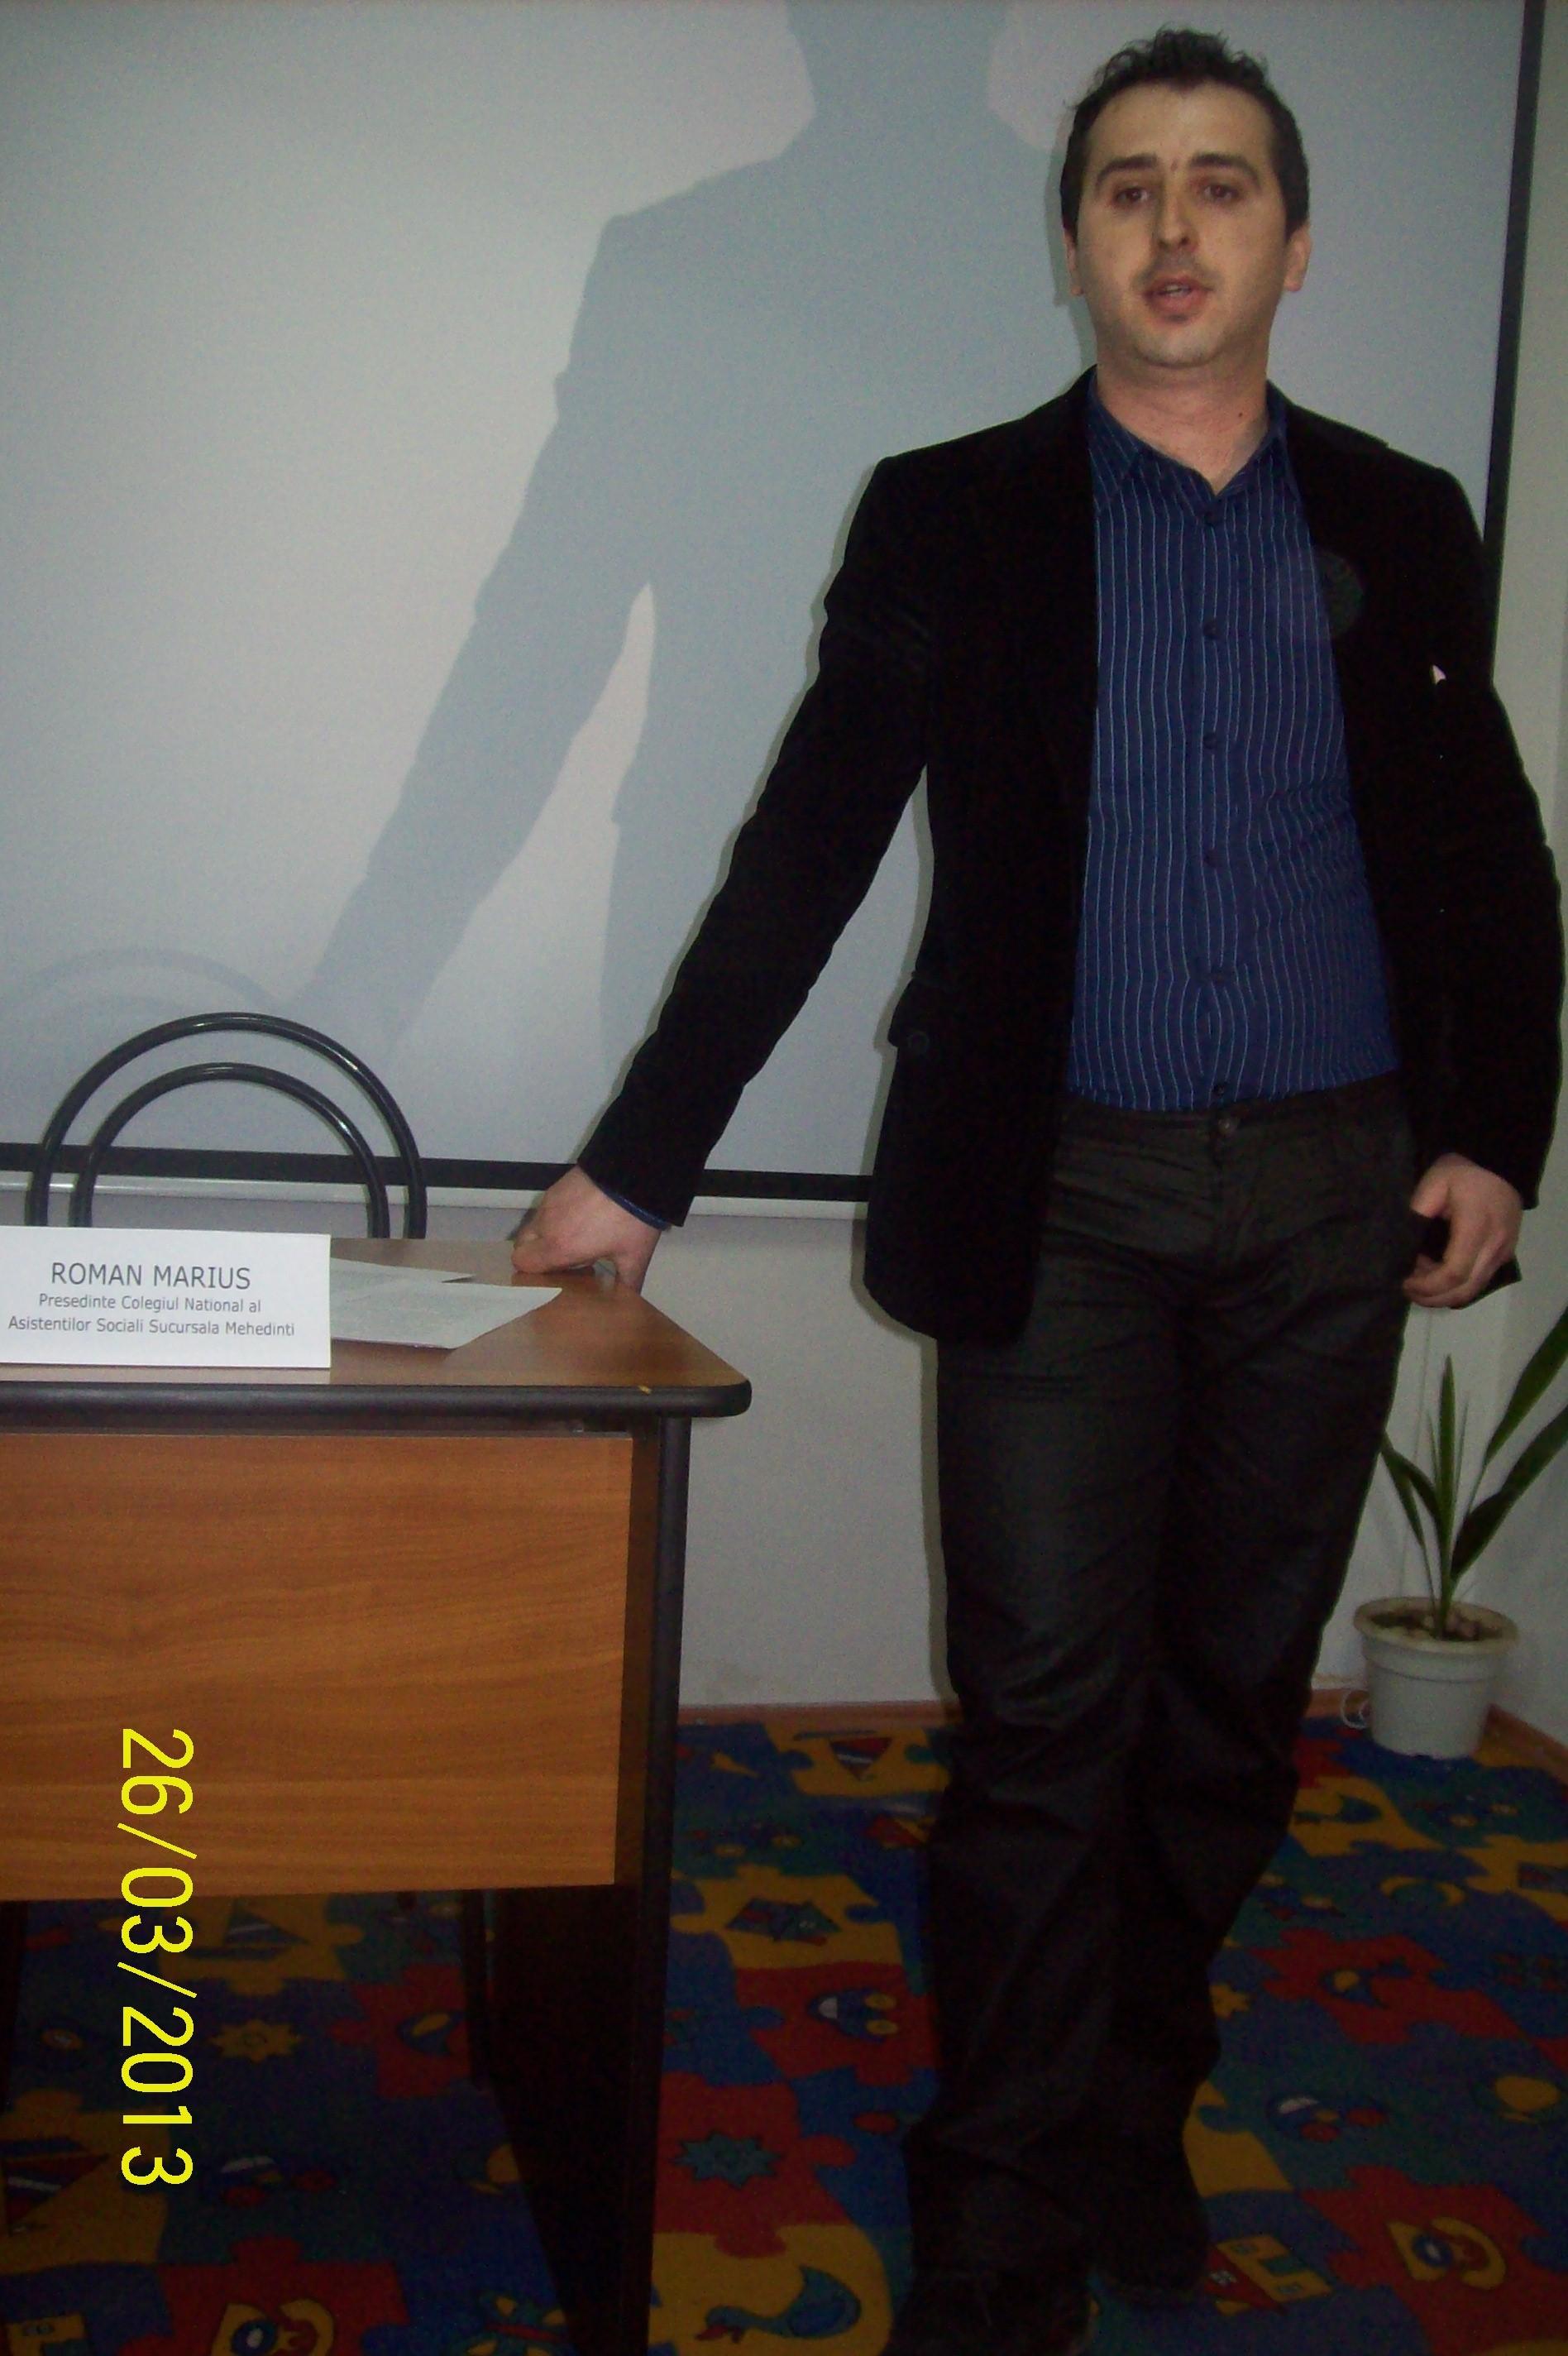 Roman Marius Adrian